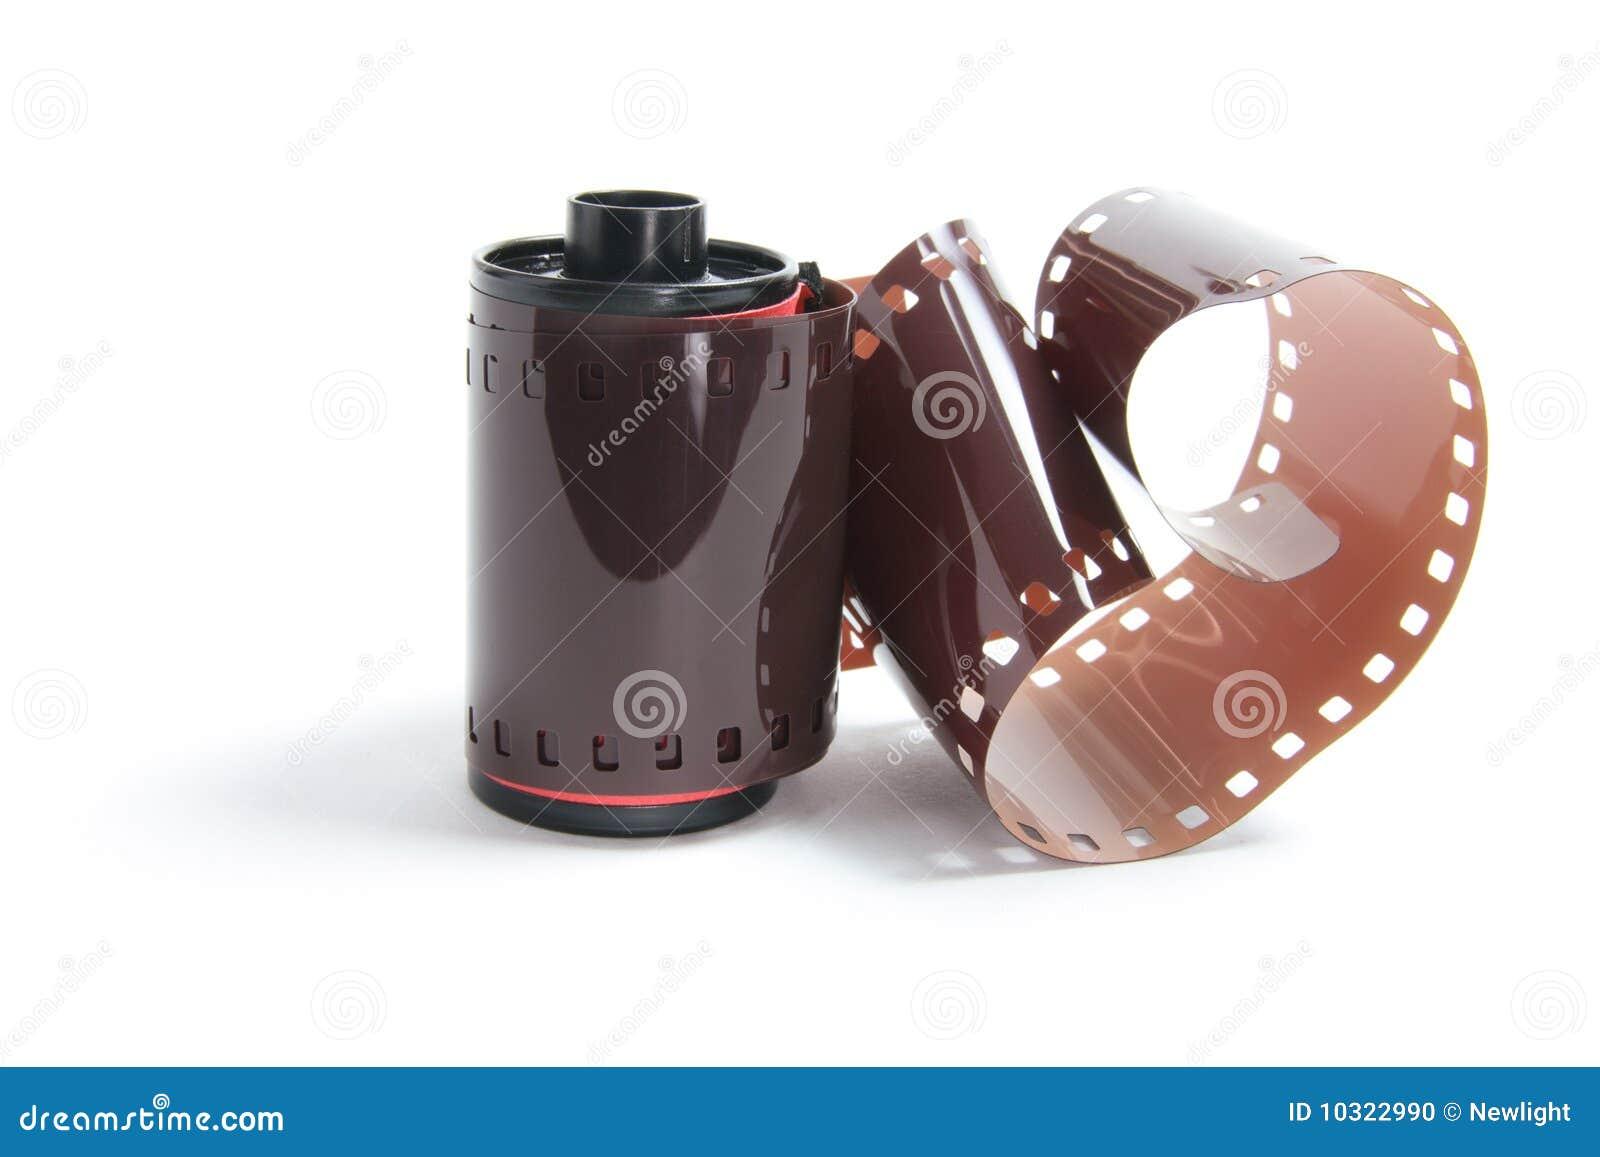 Broodje van de Film van de Camera